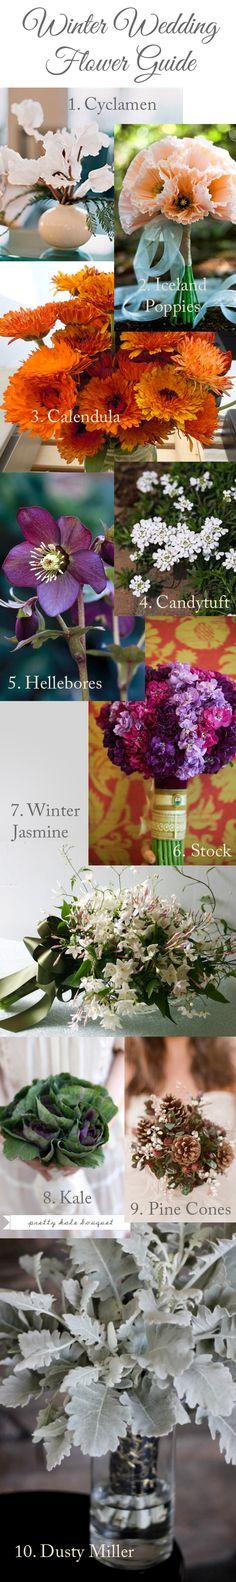 Winter Wedding Flower Guide #weddings #flowers  #bouquets